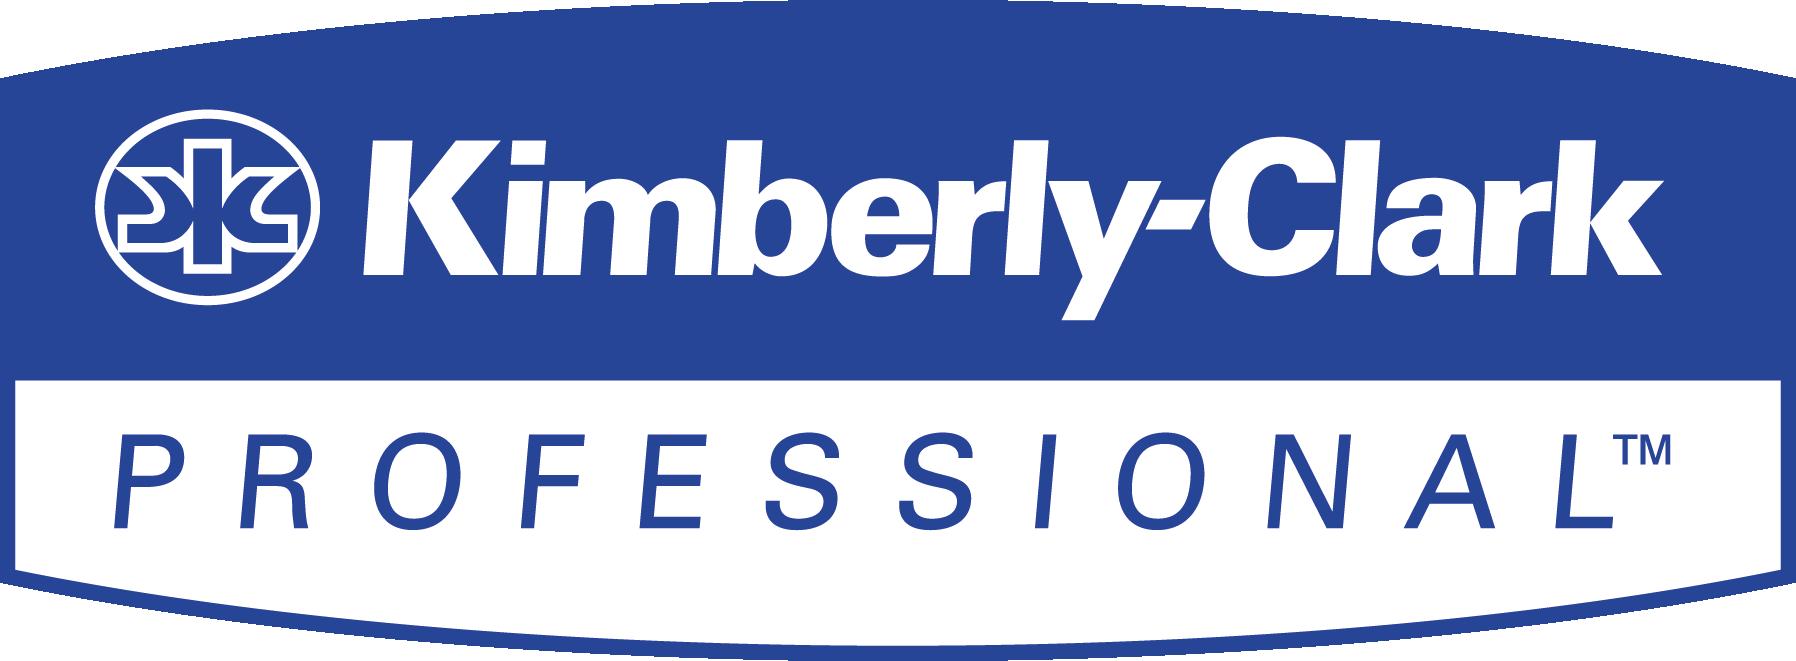 kimberly clark logo